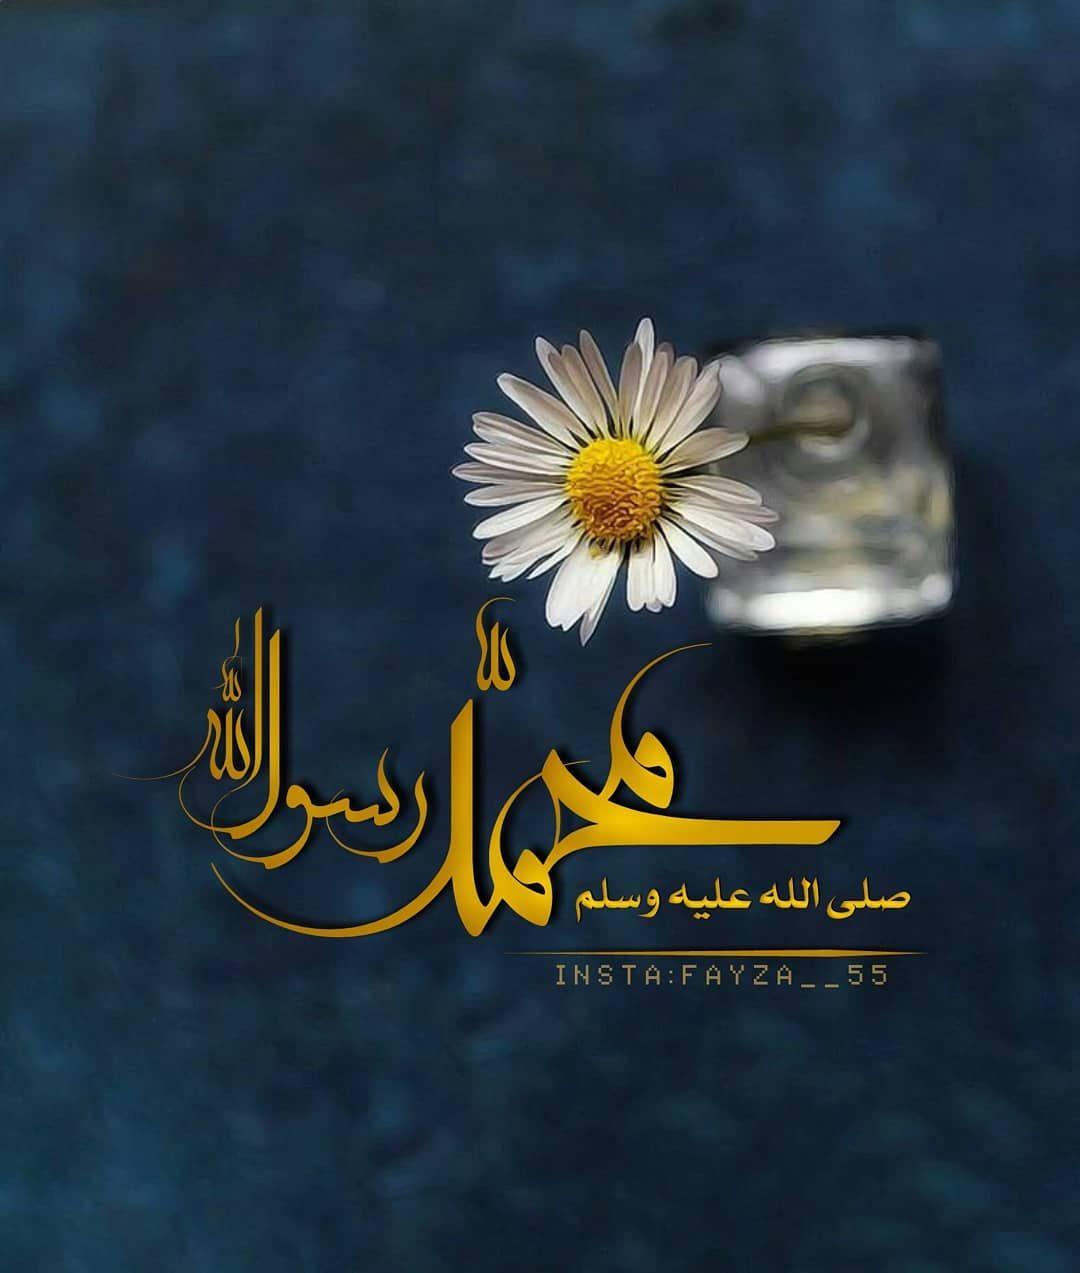 الصلاة على النبي صلى الله عليه وسلم Islamic Images Islamic Pictures Islamic Art